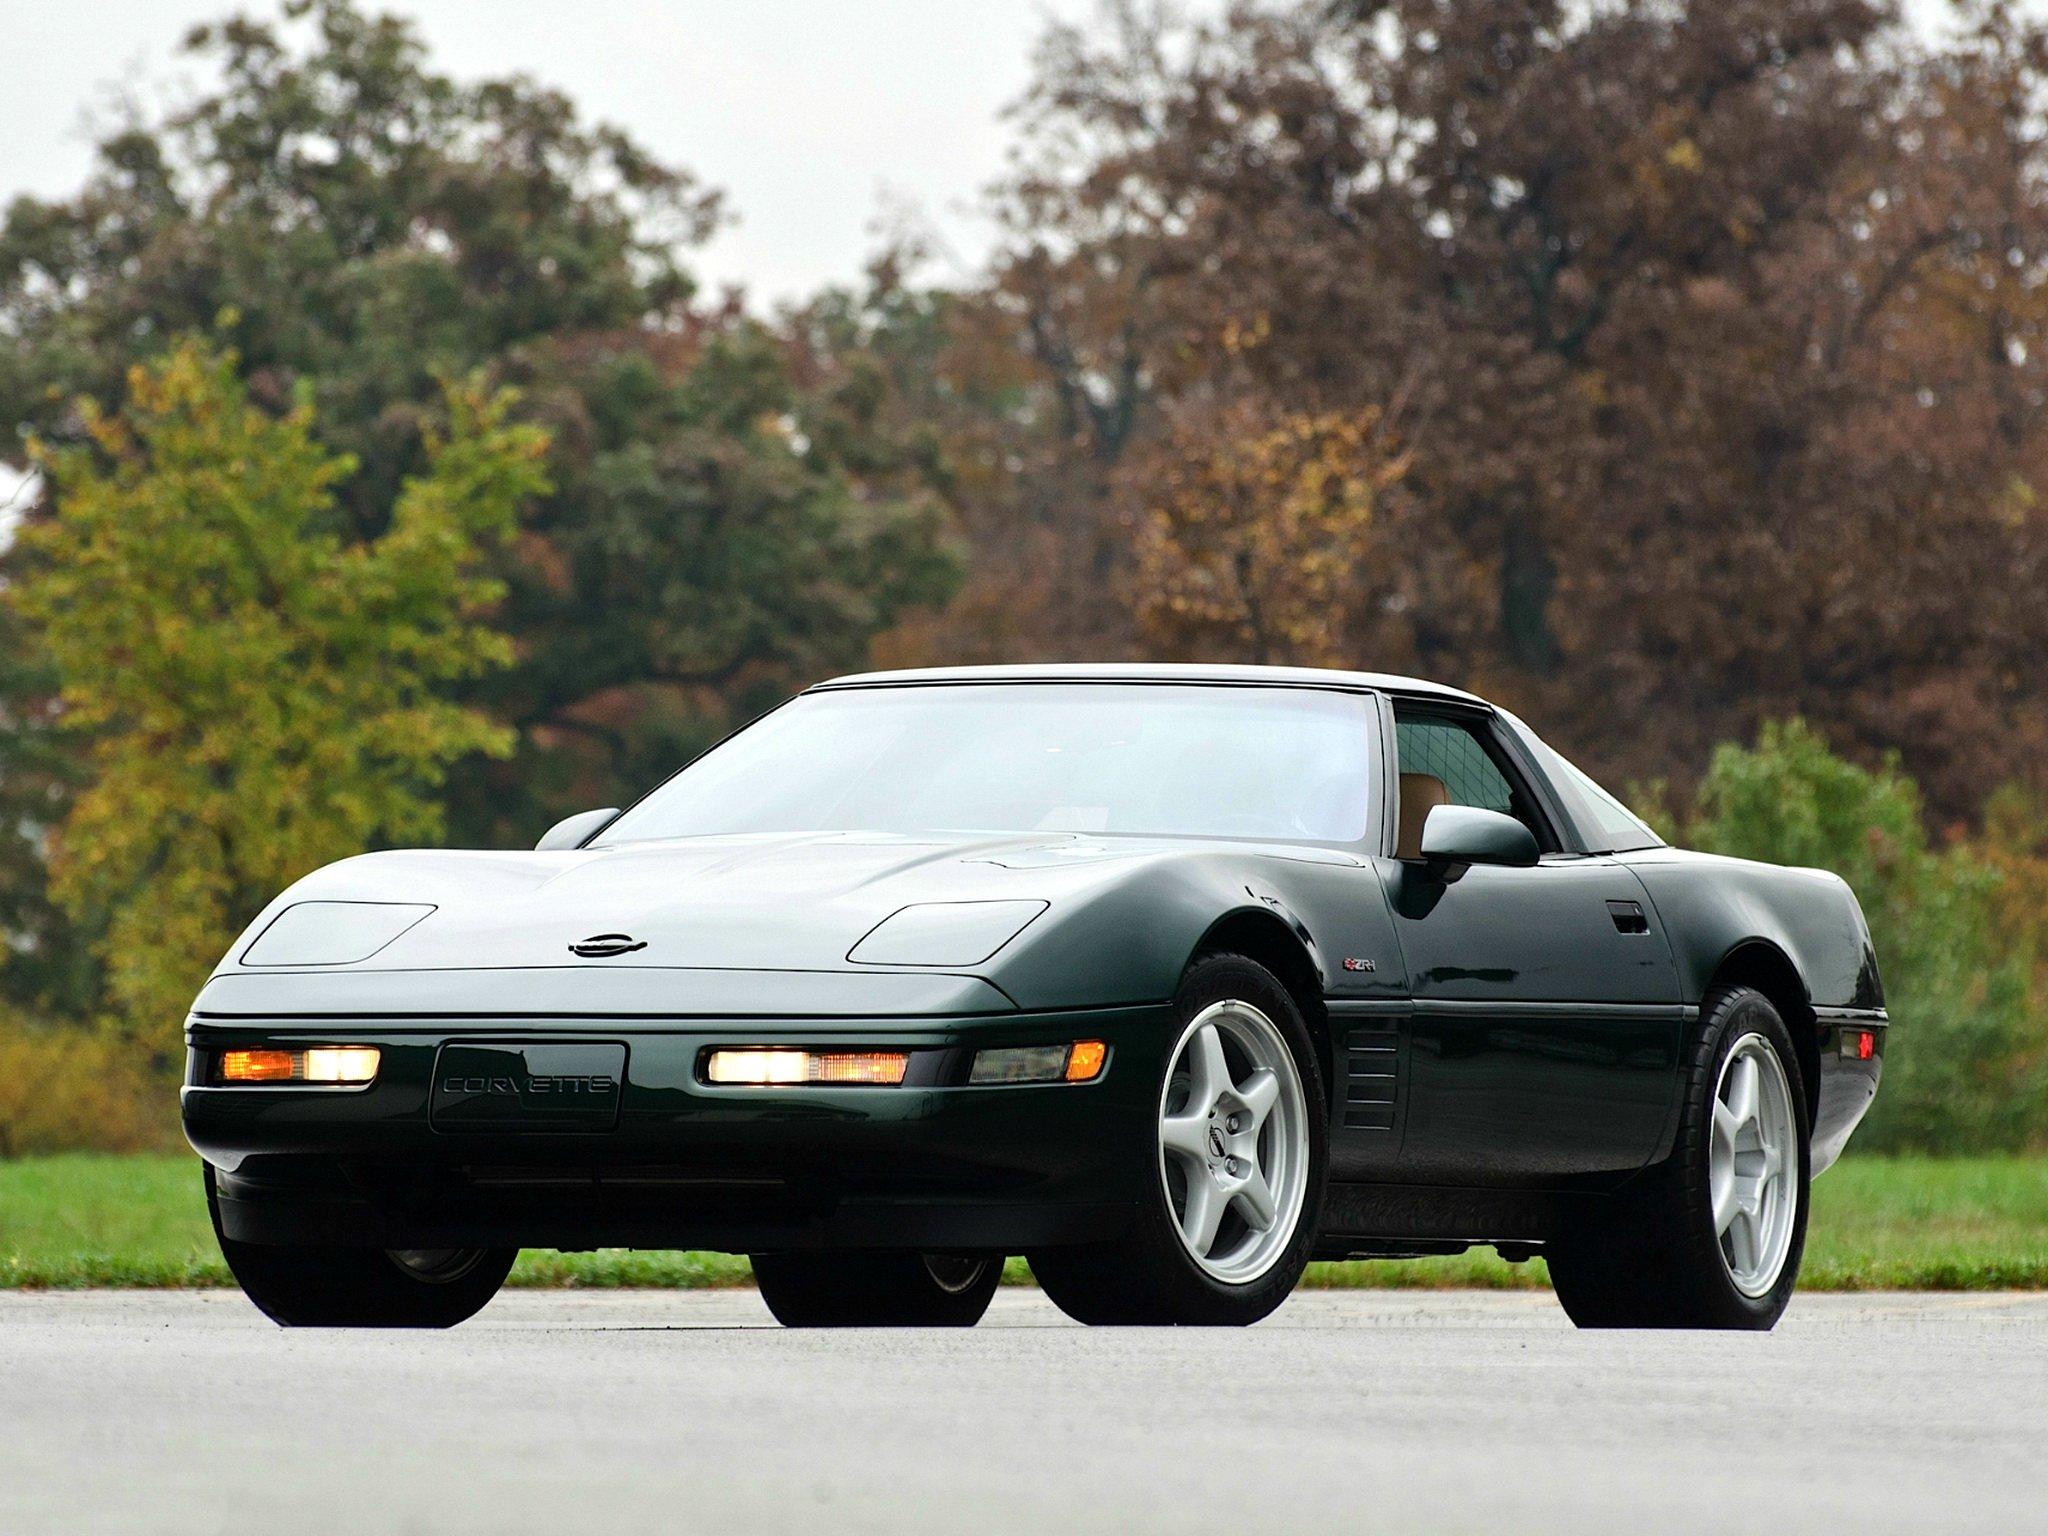 1991 95 Chevrolet Corvette Zr1 Coupe C 4 Supercar Muscle